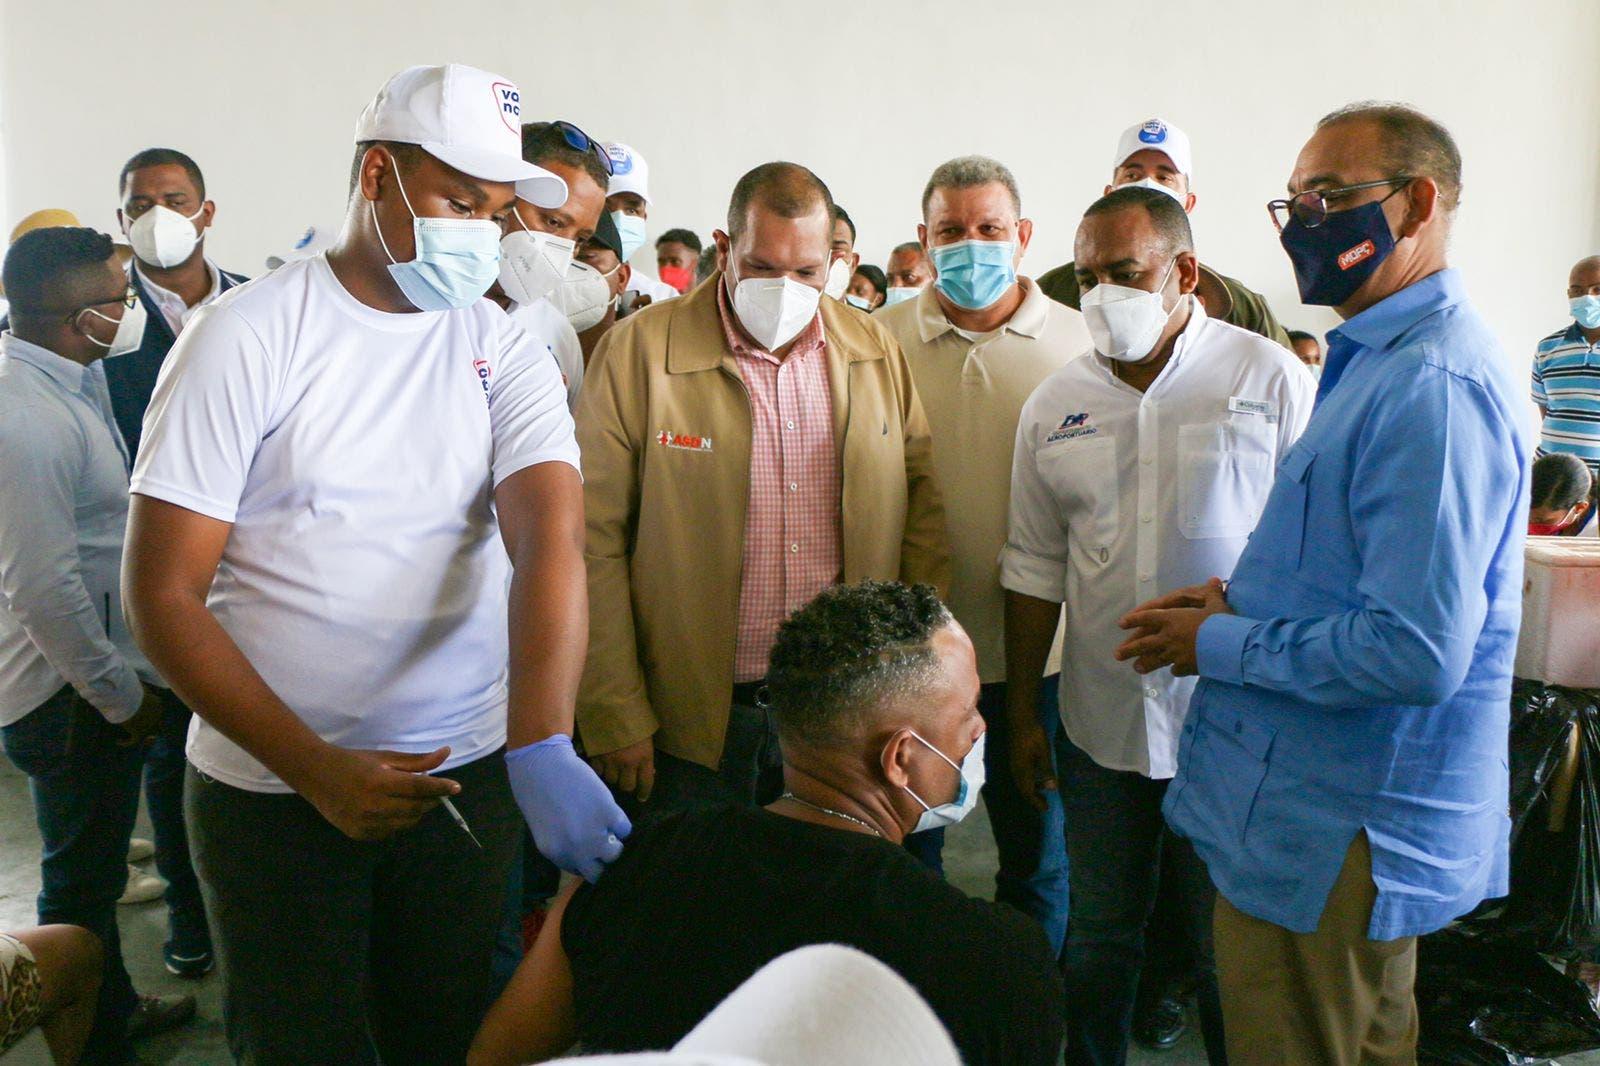 Departamento Aeroportuario resalta impacto de jornada vacunación COVID en SDN